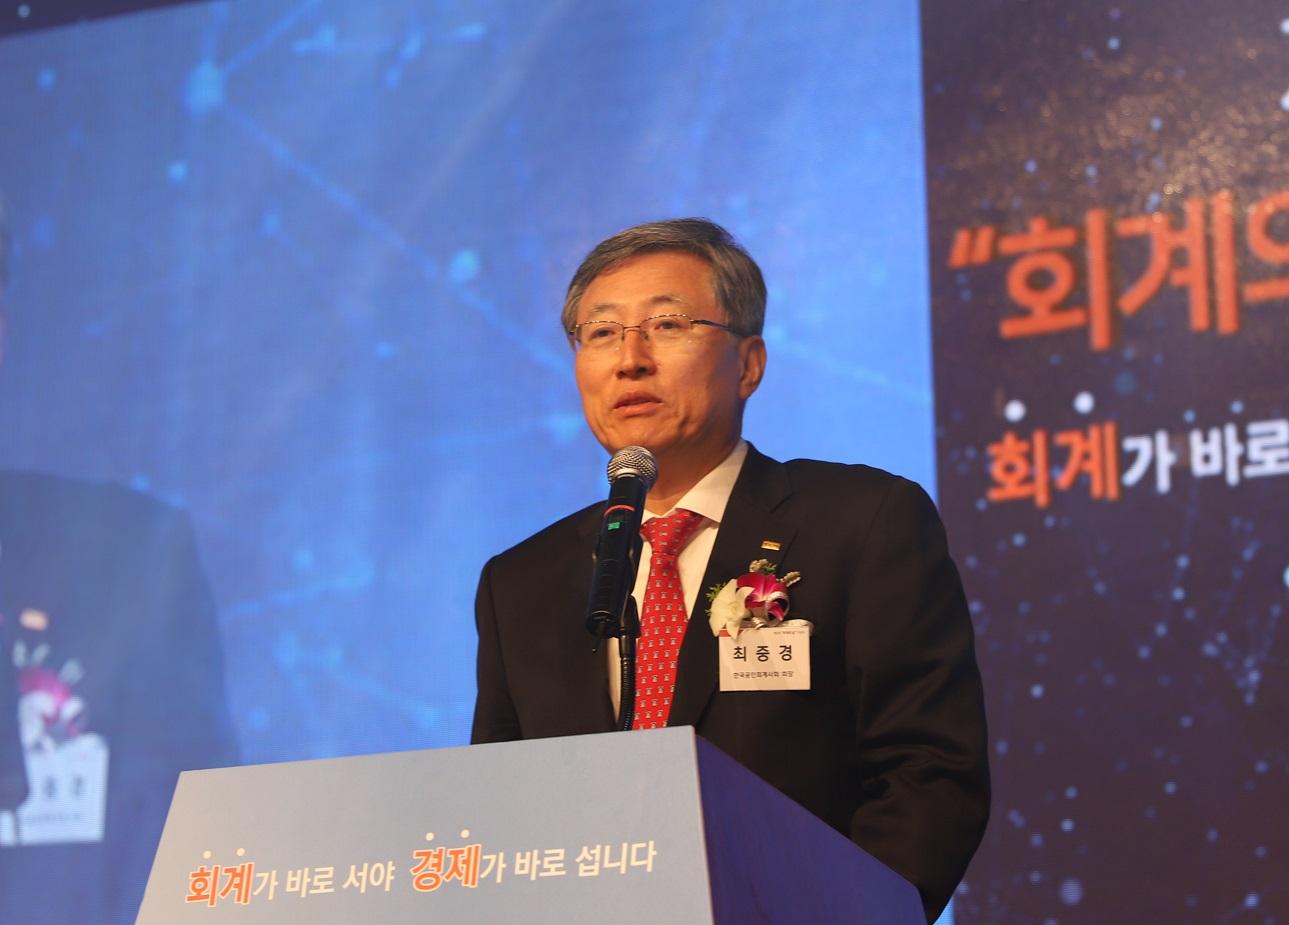 제2회 회계의 날 기념식에서 한국공인회계사회 최중경 회장이 환영사를 하고 있다.